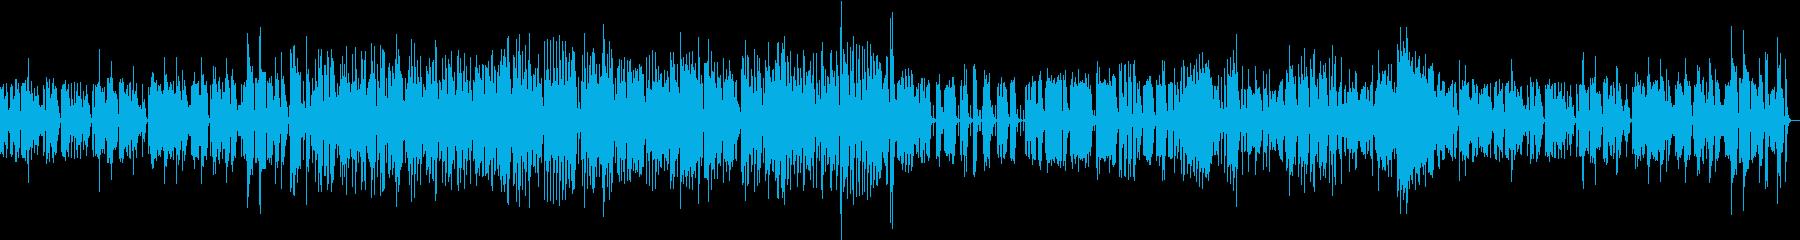 マリンバ・カルテットのジャズ・ブルースの再生済みの波形